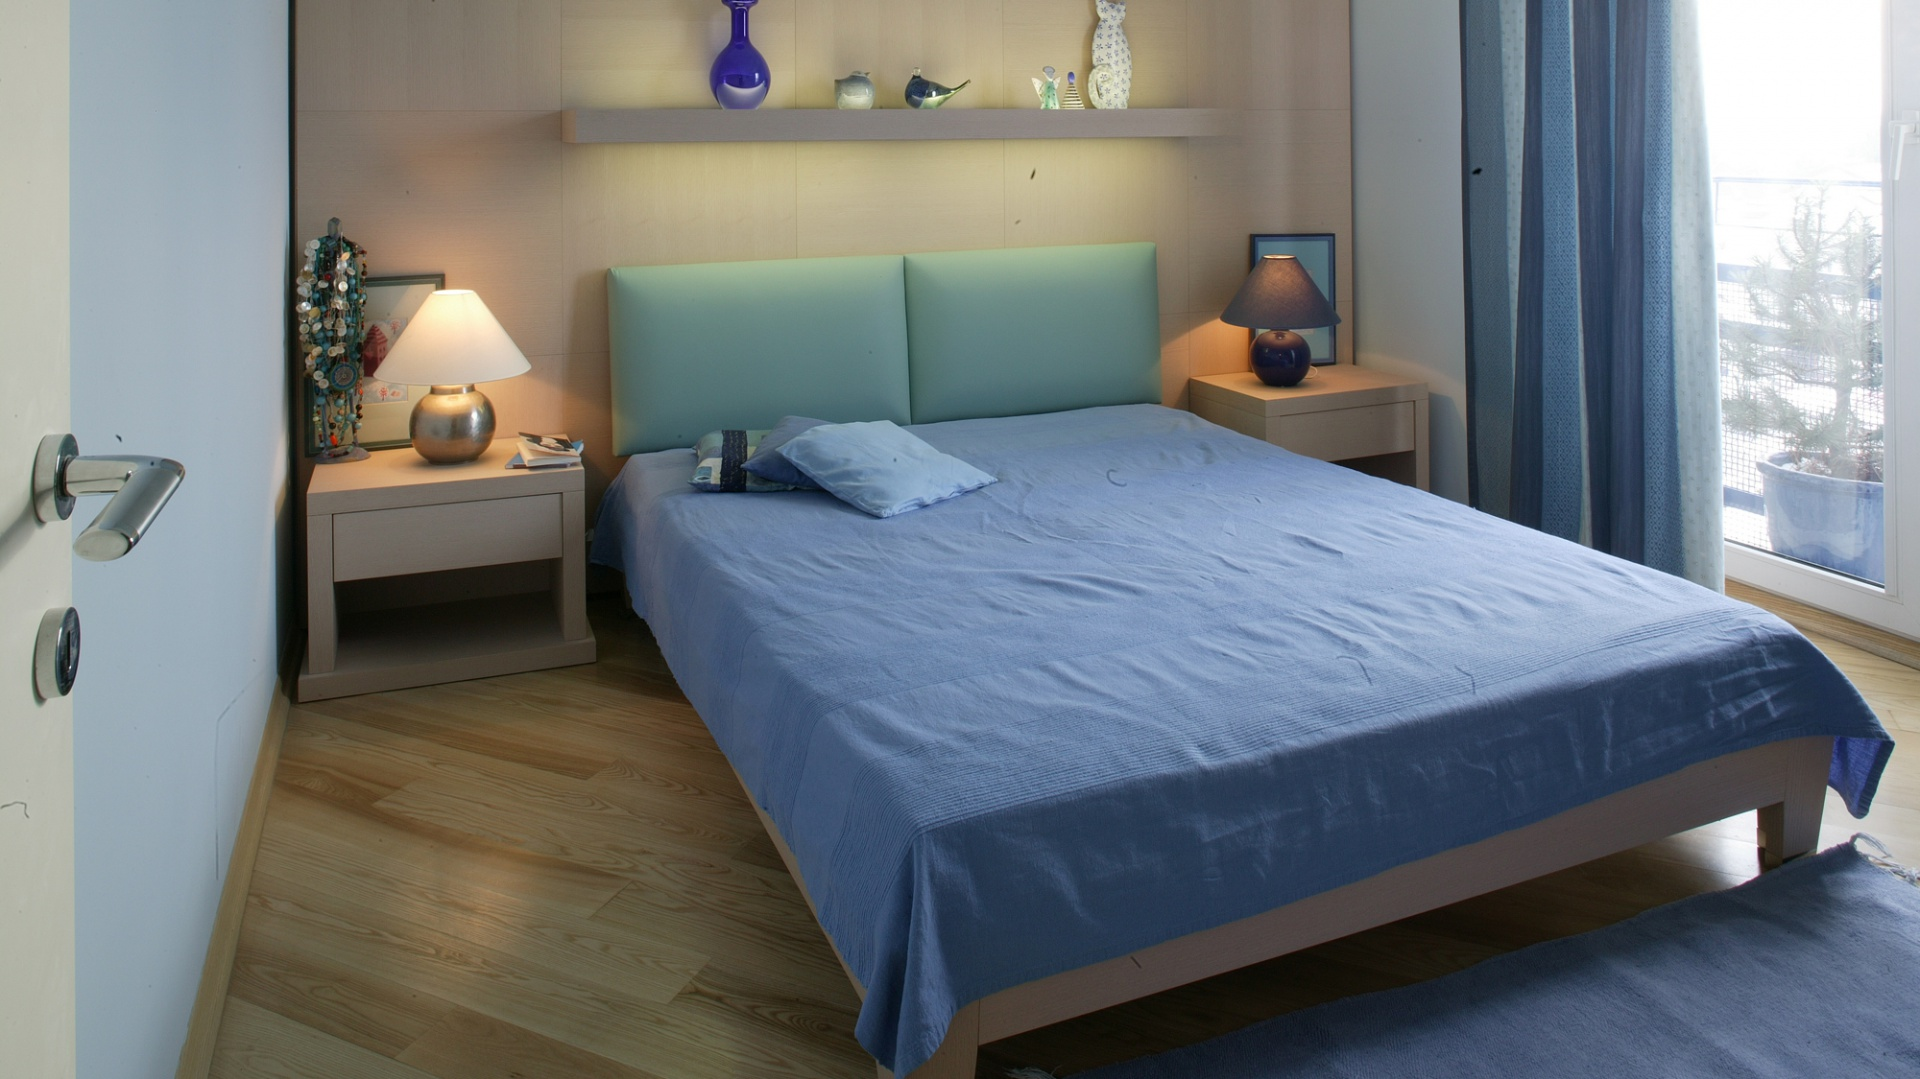 Niebieski pozostaje w delikatnym kontraście do piaskowej bieli mebli i panelu zainstalowanego za wezgłowiem łóżka. Fot. Marcin Onufryjuk.